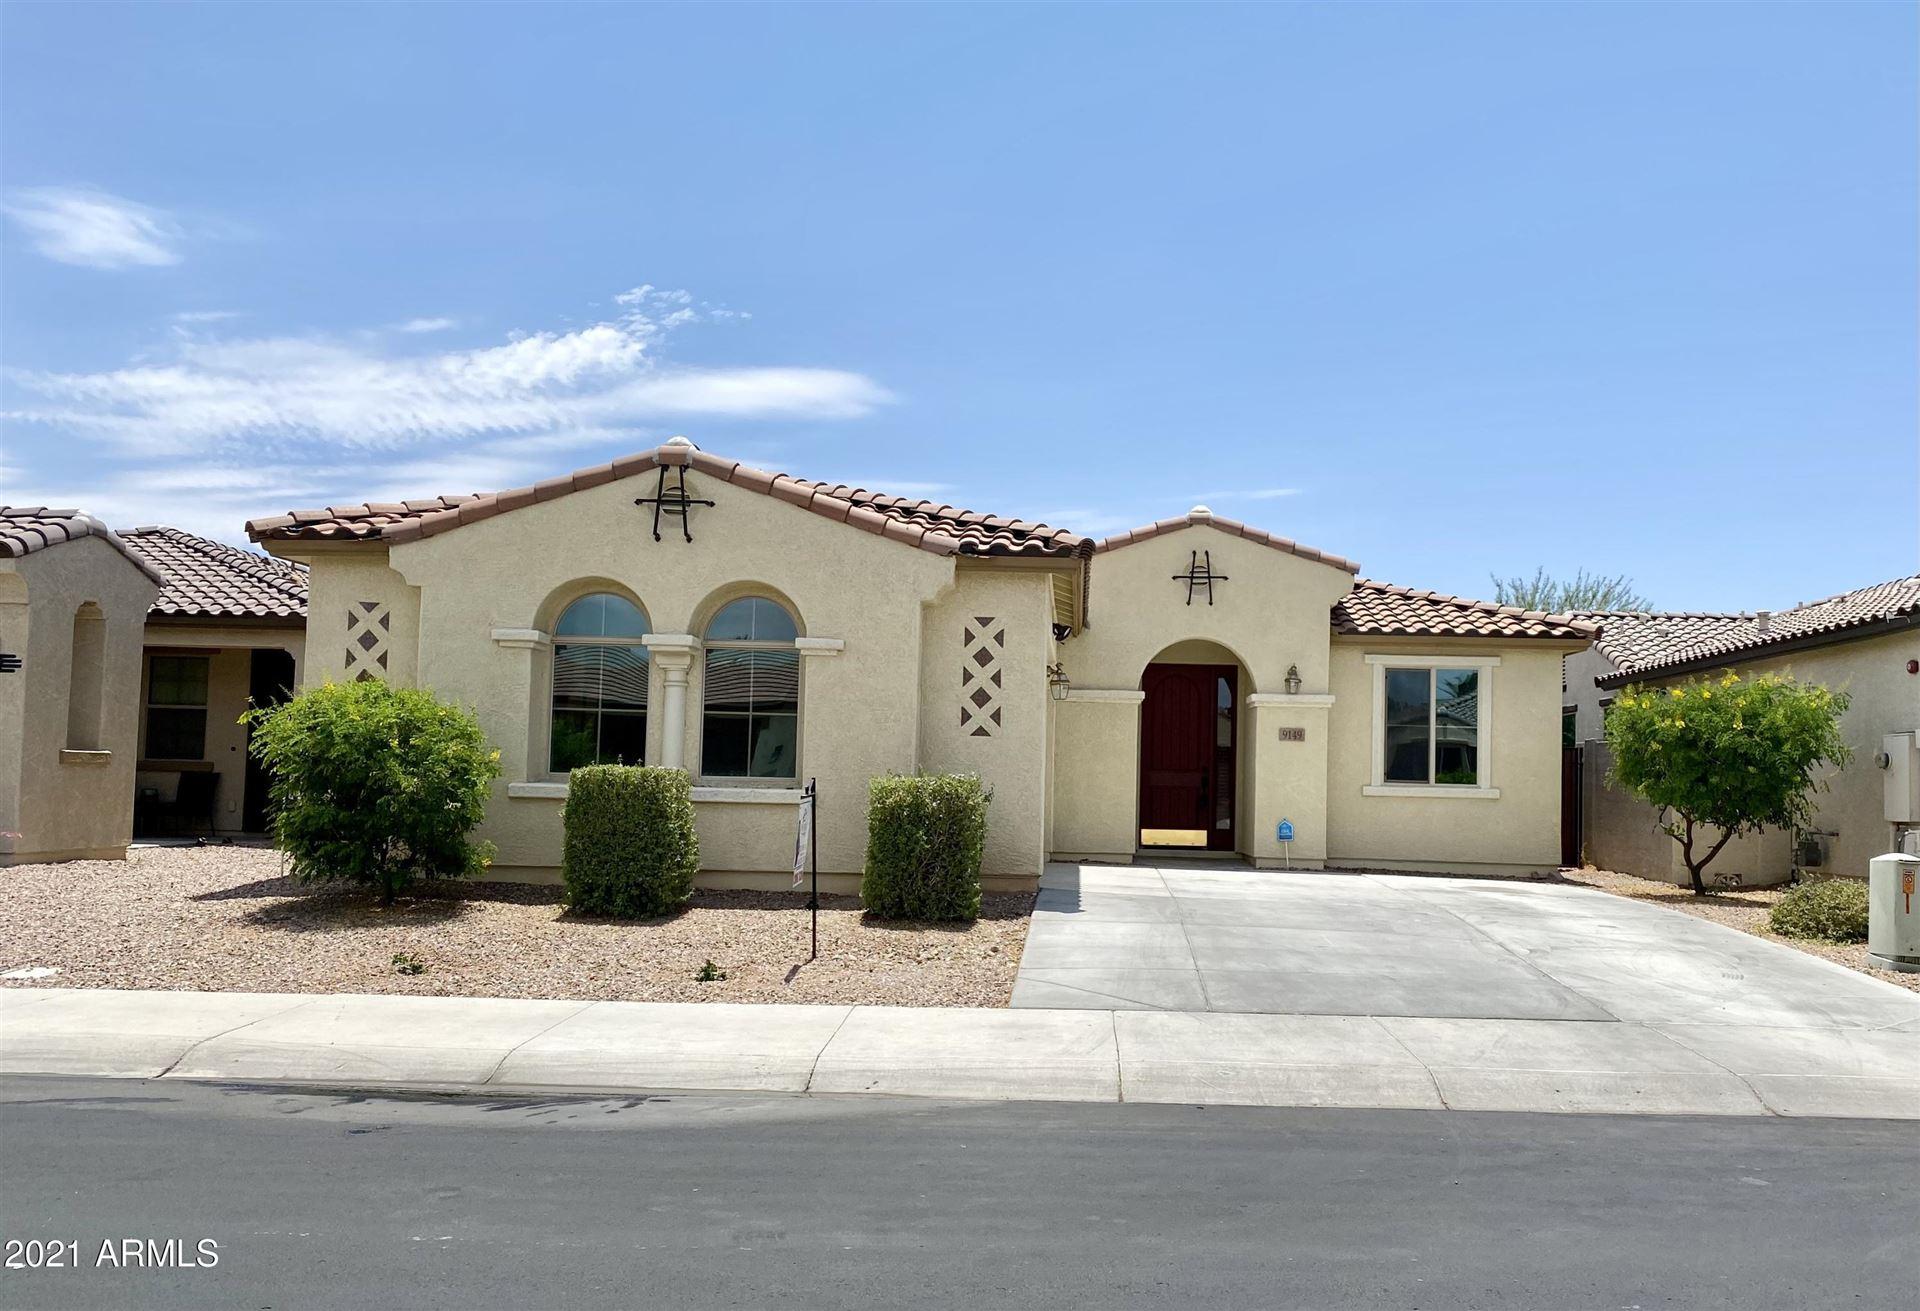 9149 W DREYFUS Drive, Peoria, AZ 85381 - MLS#: 6237922